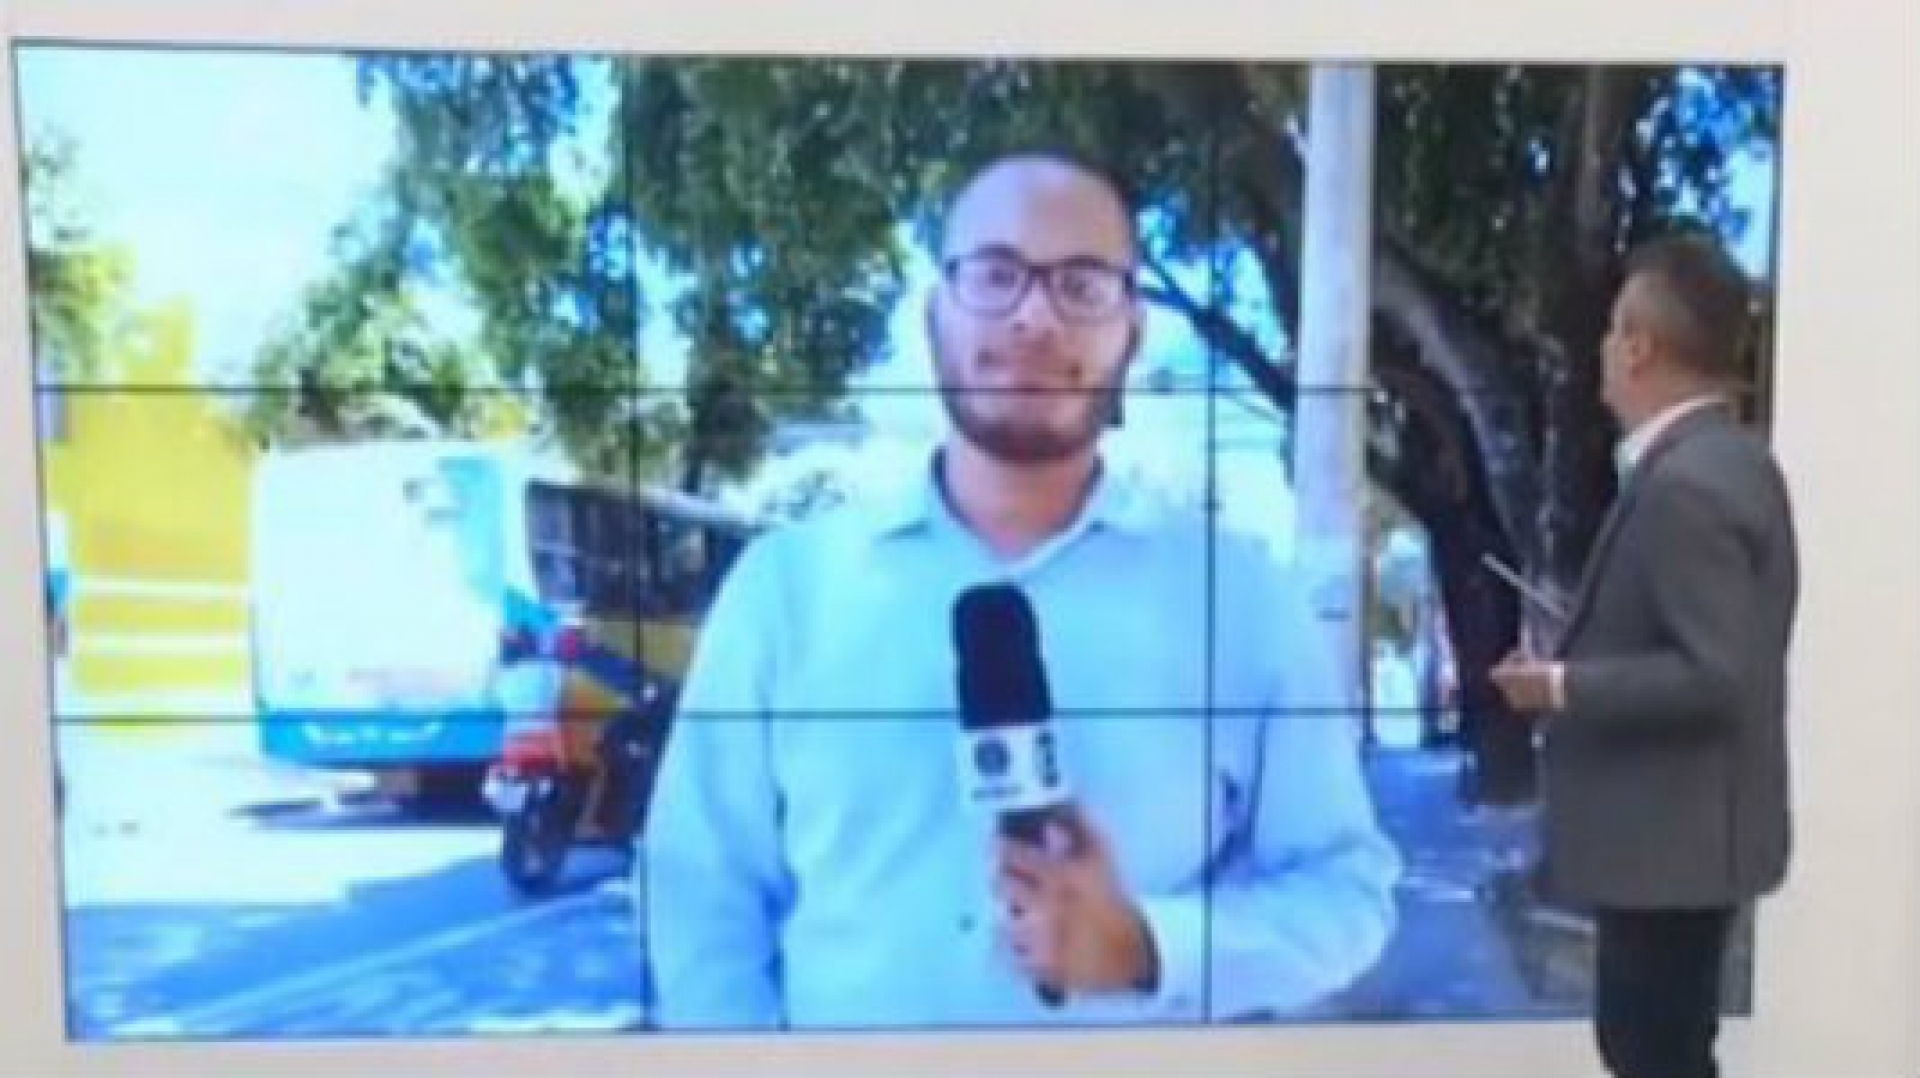 Samuel Bonicontro ao vivo em jornal (Foto: Reprodução)